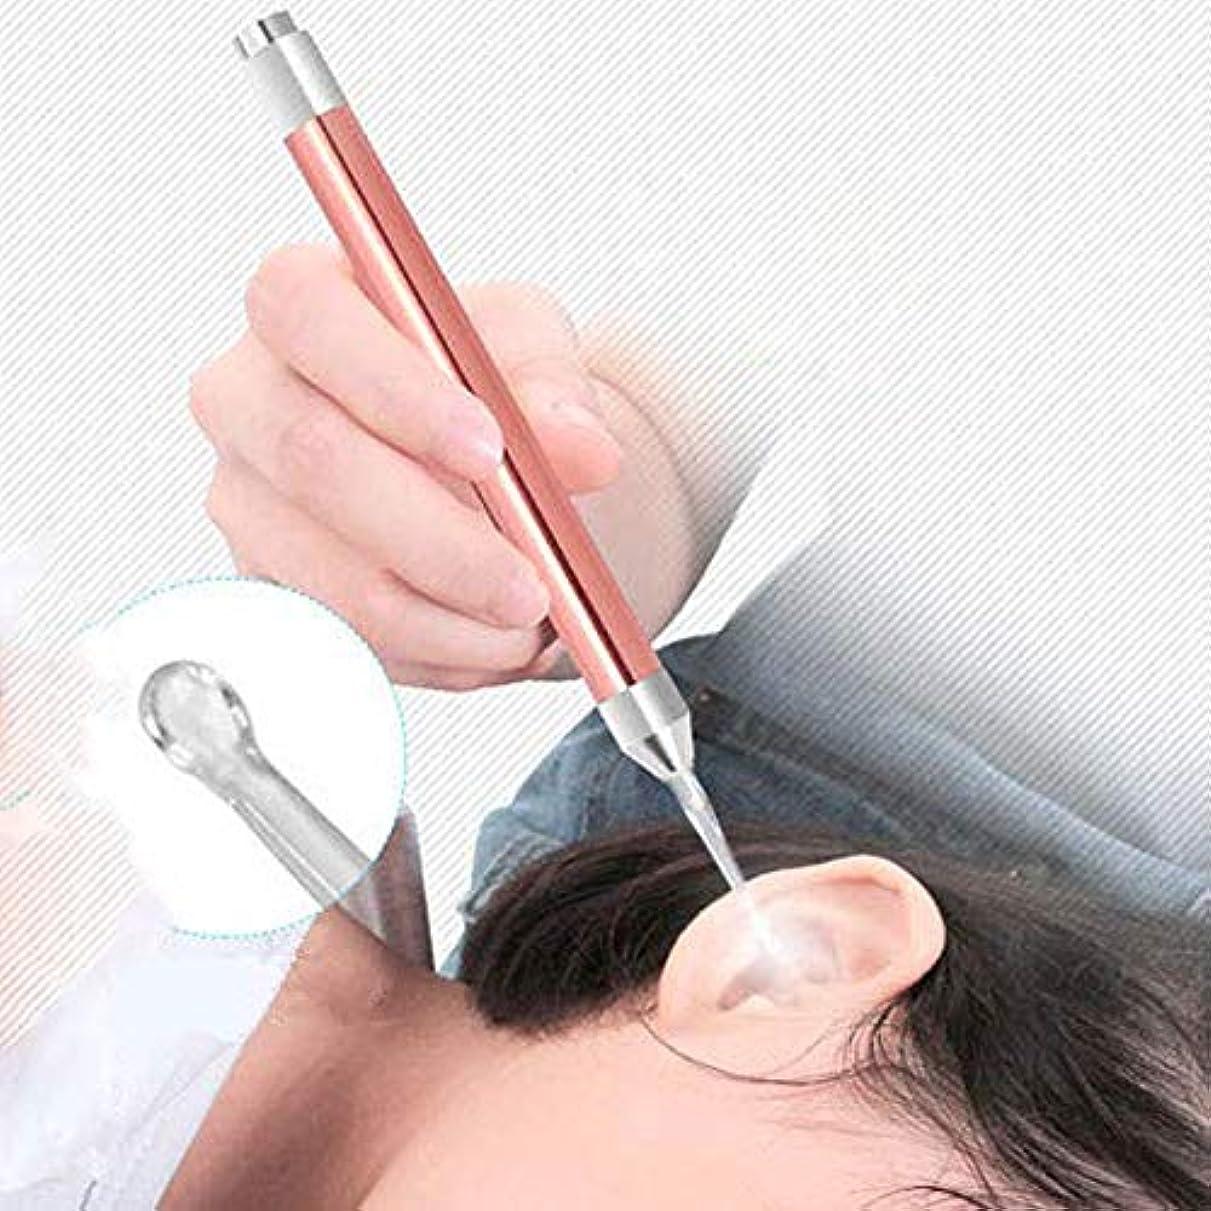 びっくりしたシングルジェーンオースティンLindexs LEDライト付き耳かき 耳ケア ledライト付き 耳掃除 耳垢除去 光棒 はっきり見える 楽に耳垢をとる 収納ケース付 (ローズゴールド)